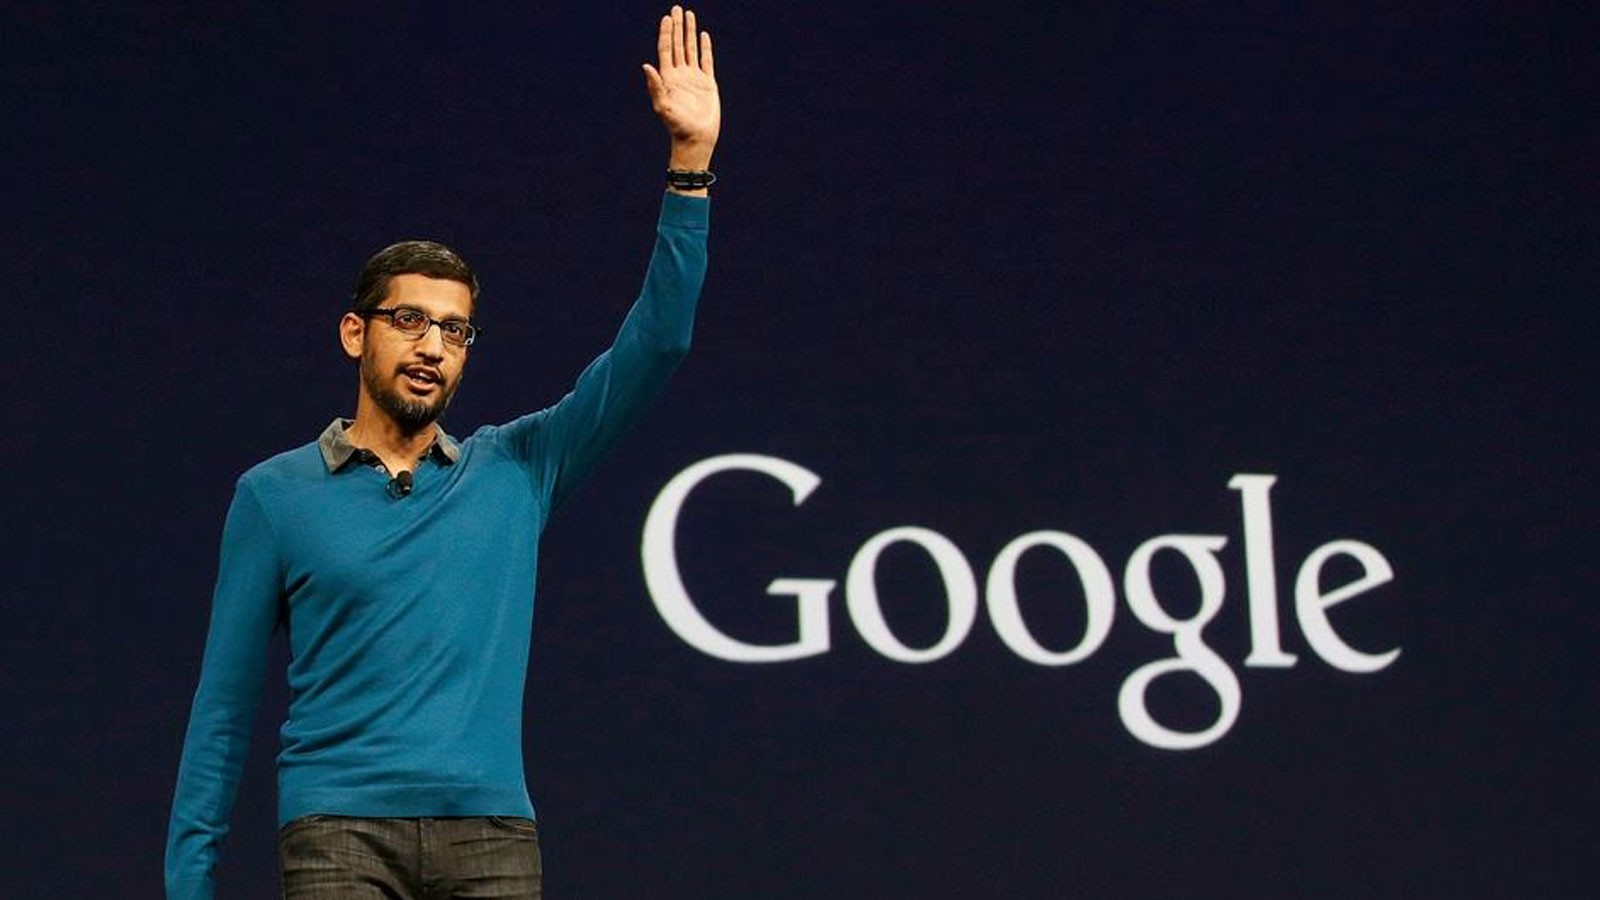 少了個人魅力的Google CEO,如何領導6萬名員工?皮蔡:我最常做一件事